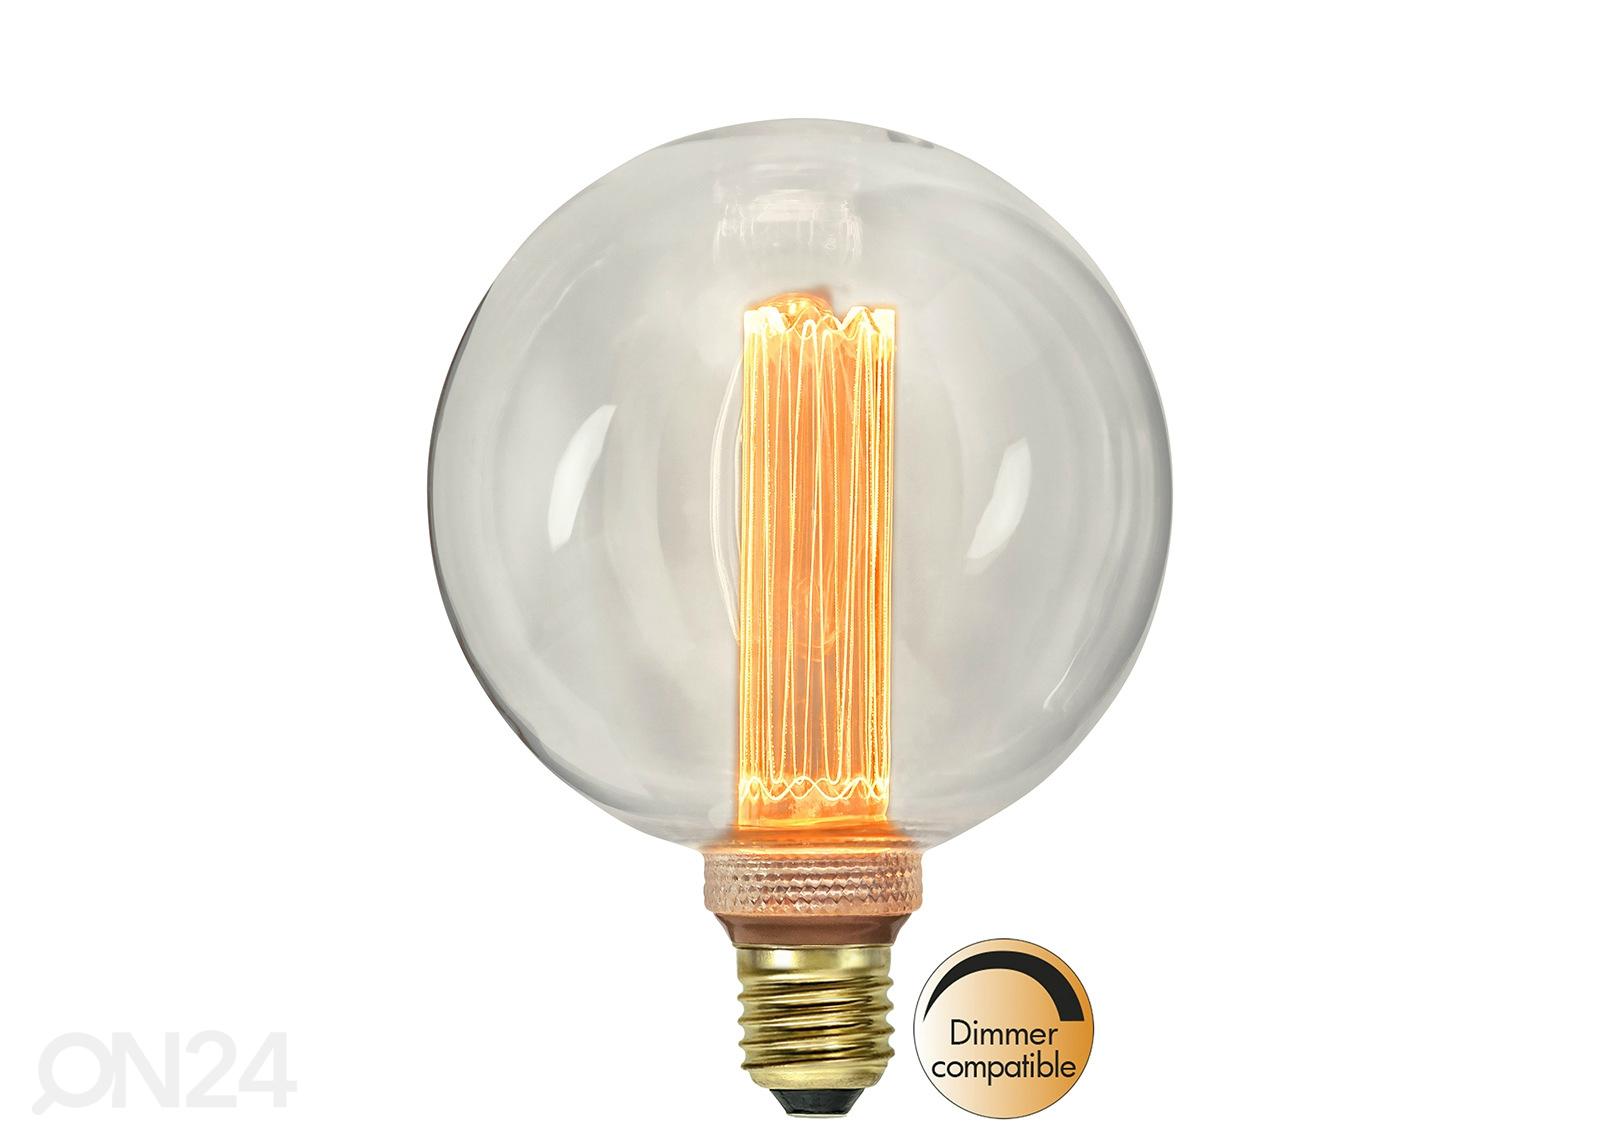 95ebcf07f72 Dekoratiivne LED pirn E27 2,5 W AA-142557 - ON24 Sisustuskaubamaja